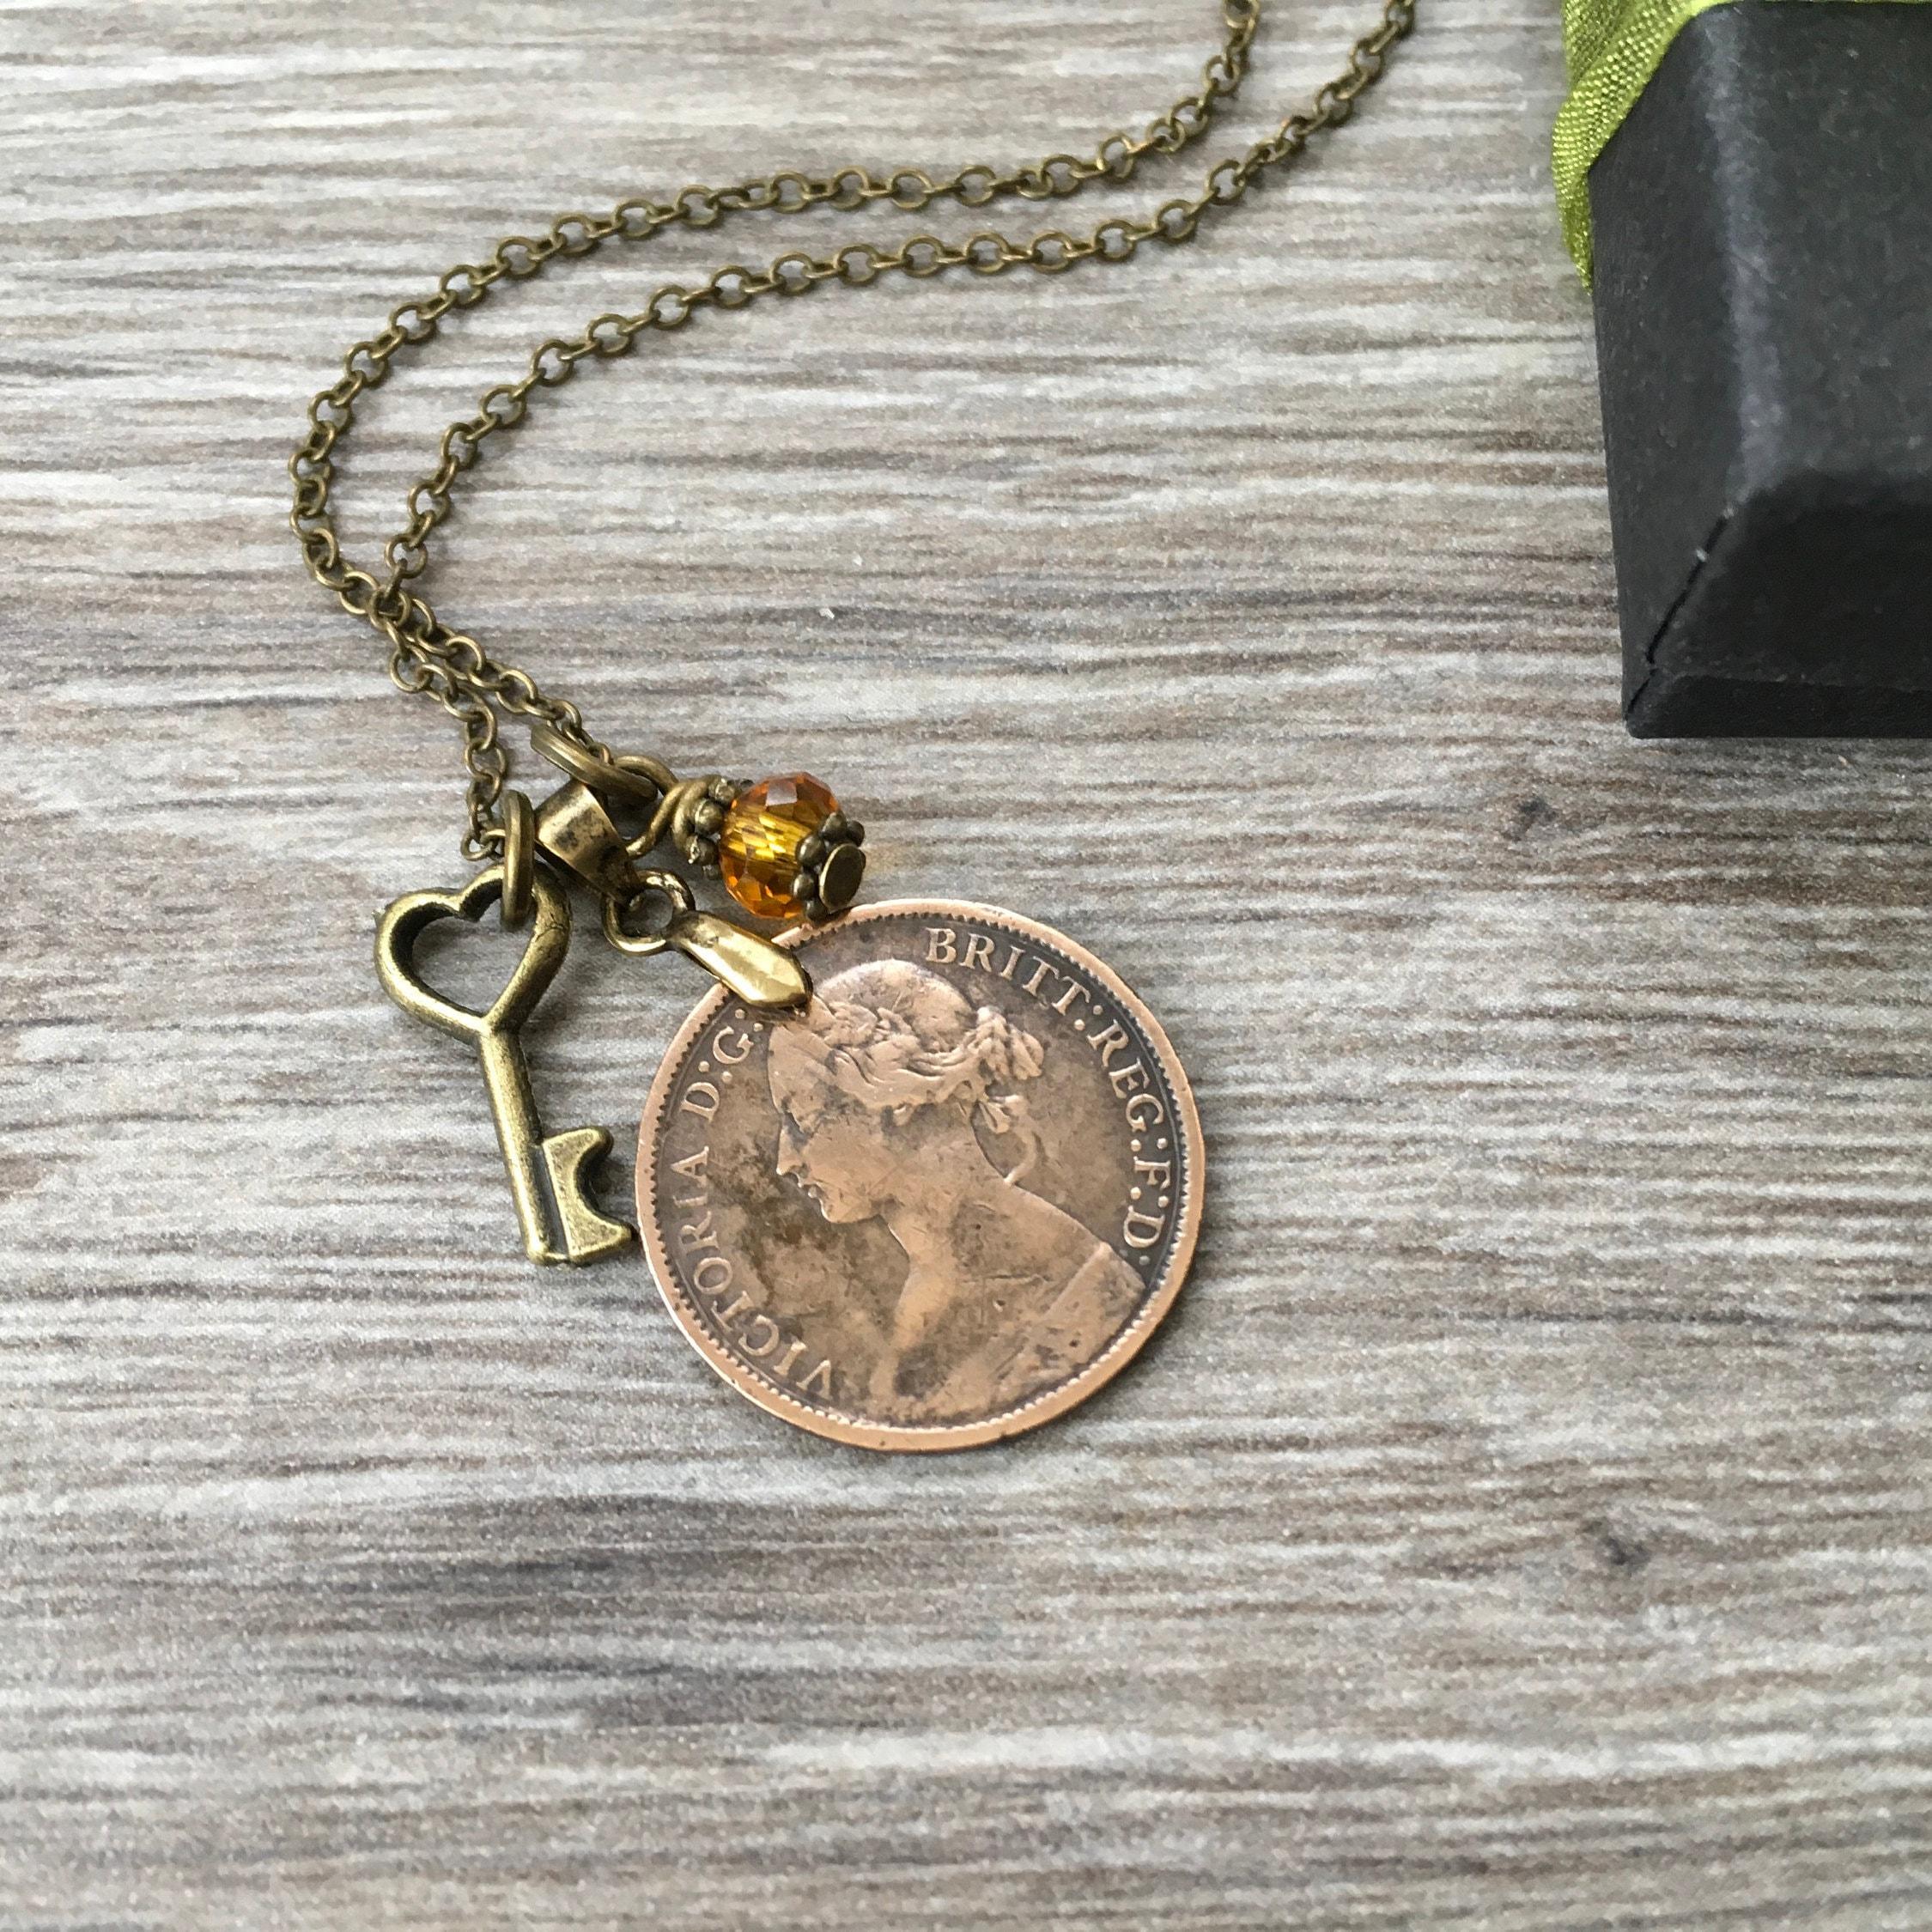 queen victoria coin necklace